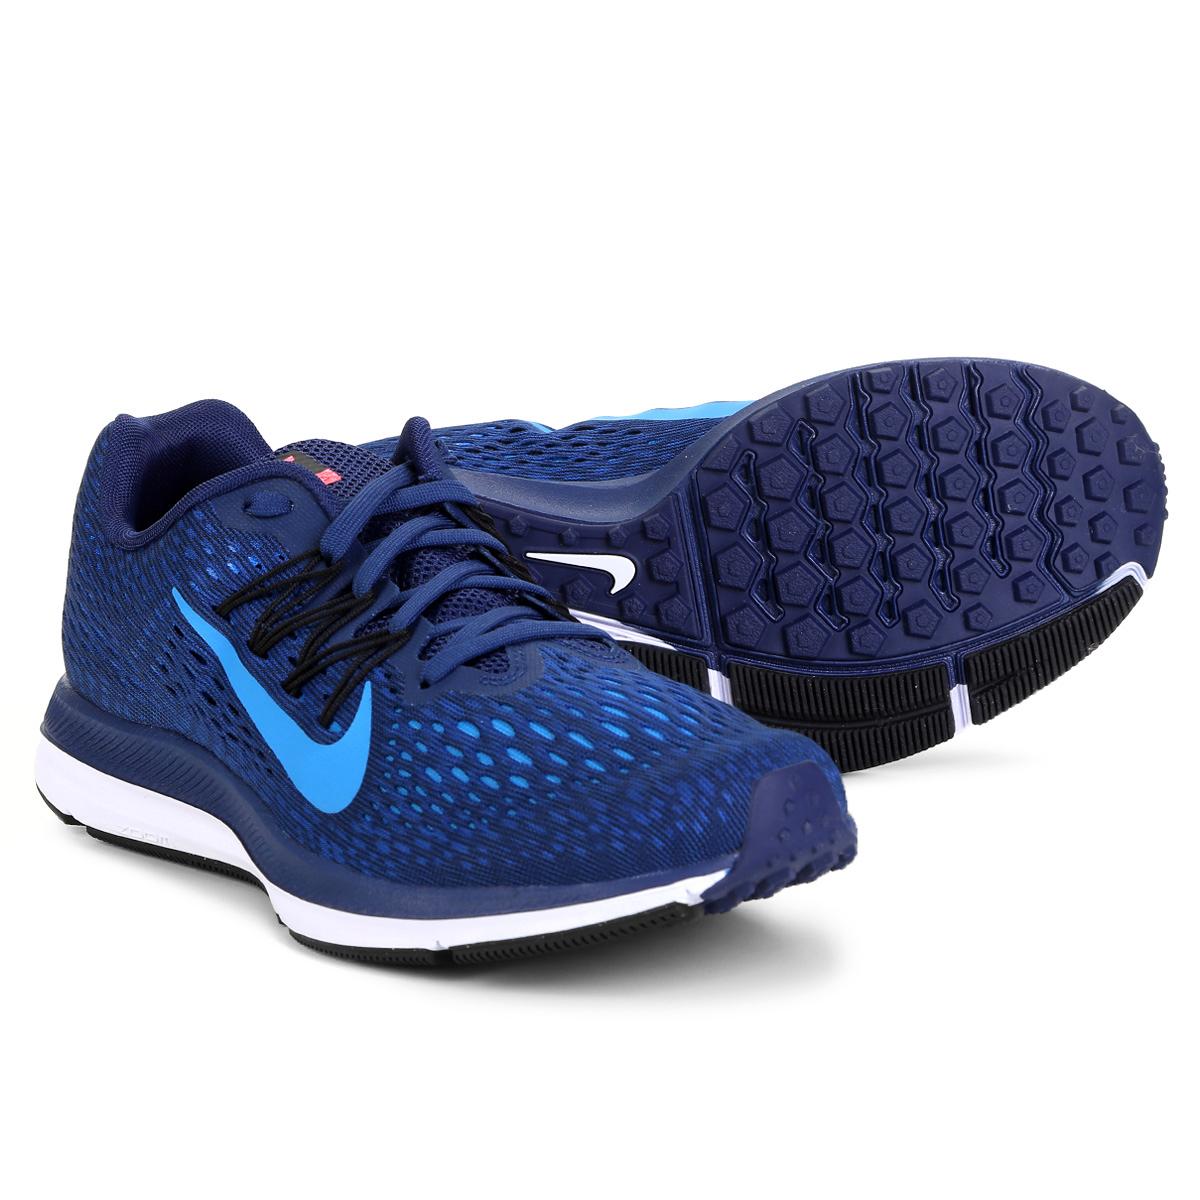 b00afaad61e Tênis Nike Zoom Winflo 5 Masculino Azul - Compre Agora